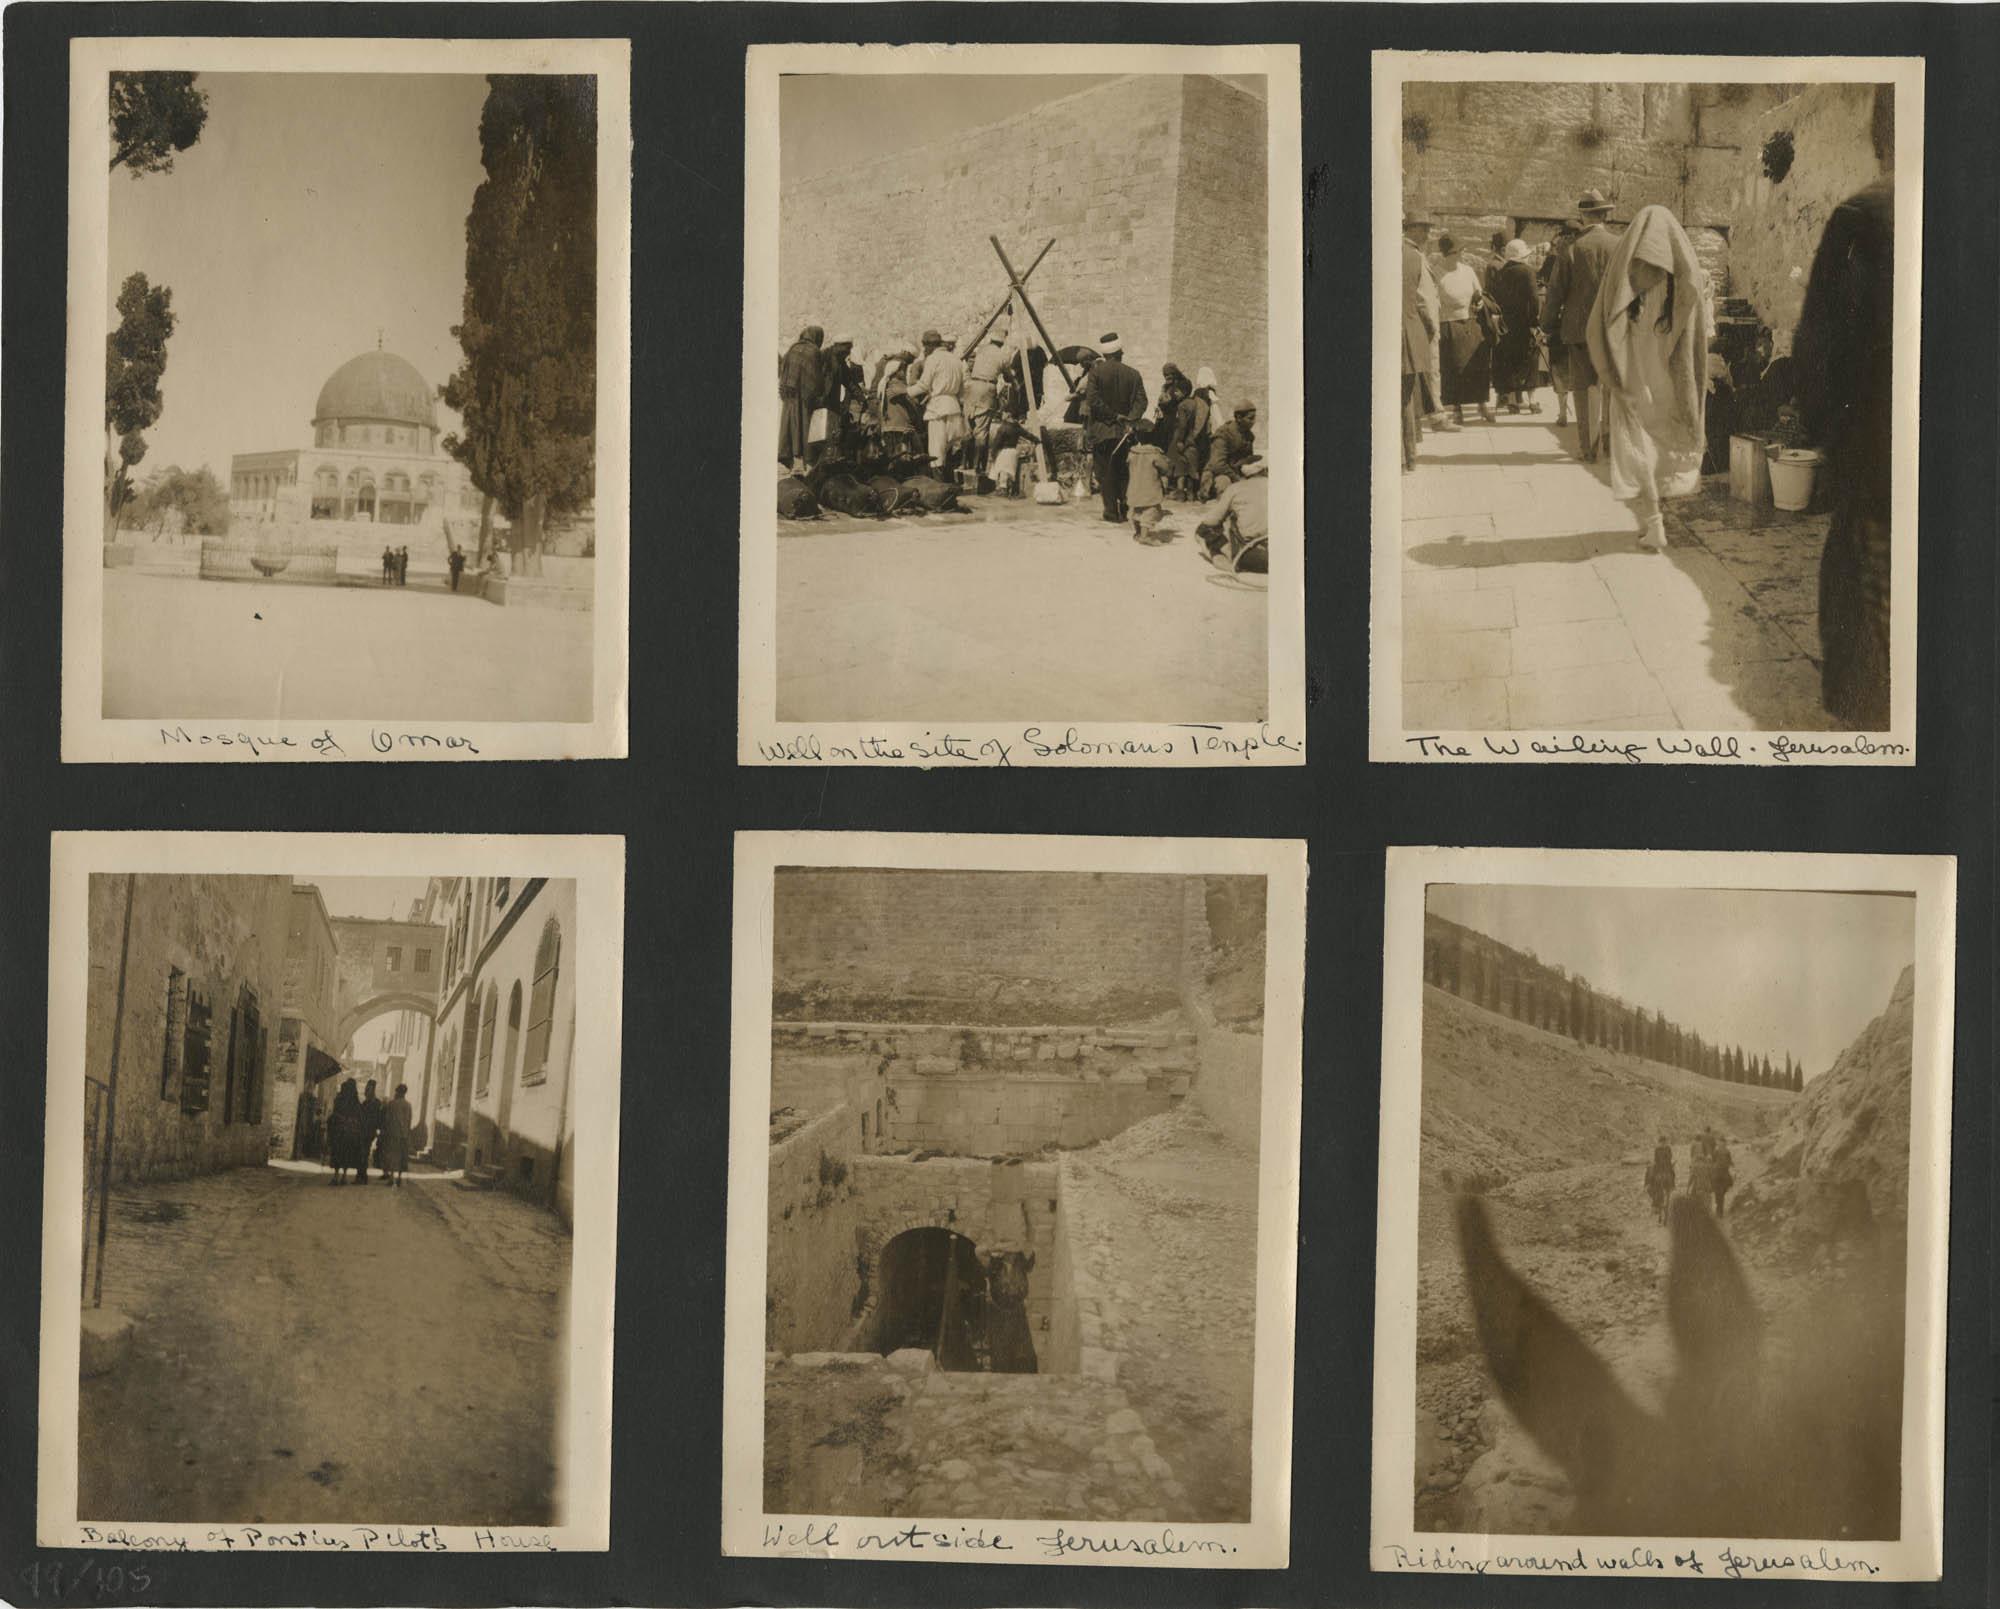 Egypt Photograph Album, 1925, Page 99